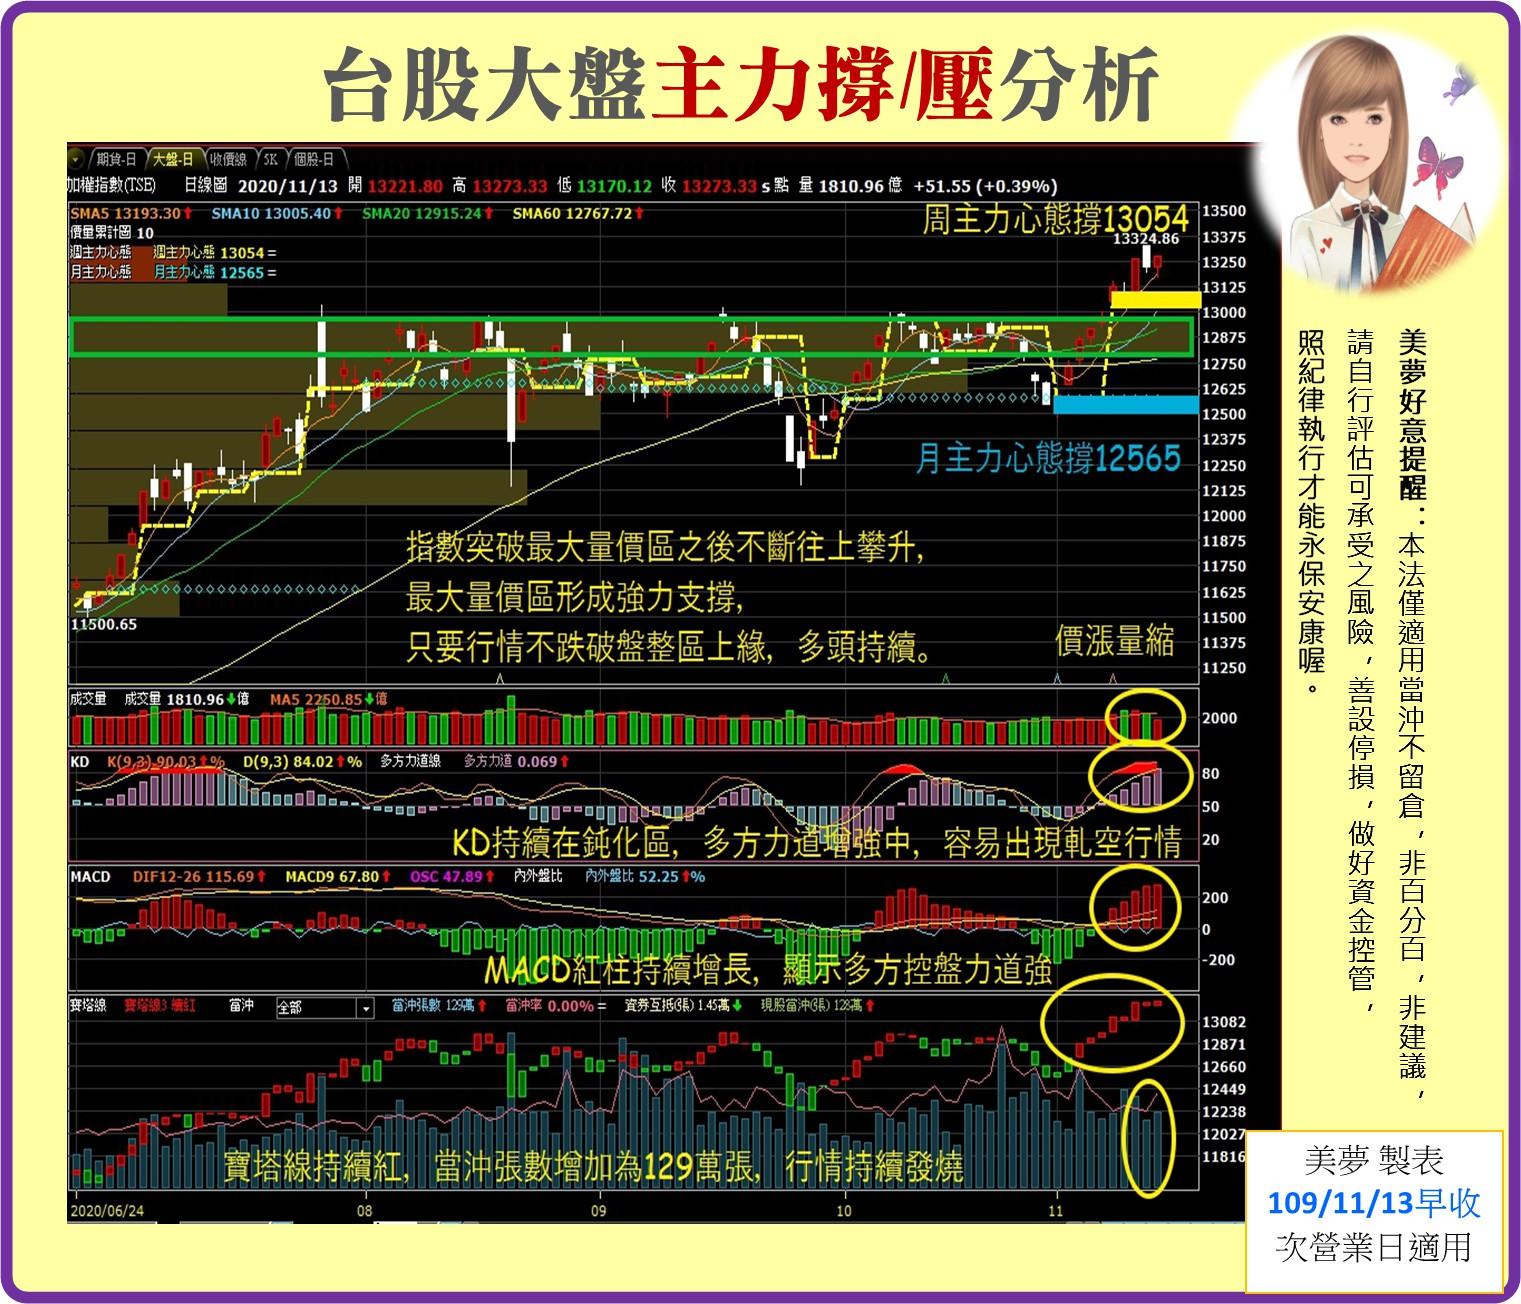 1091116美夢冠軍-股市_05